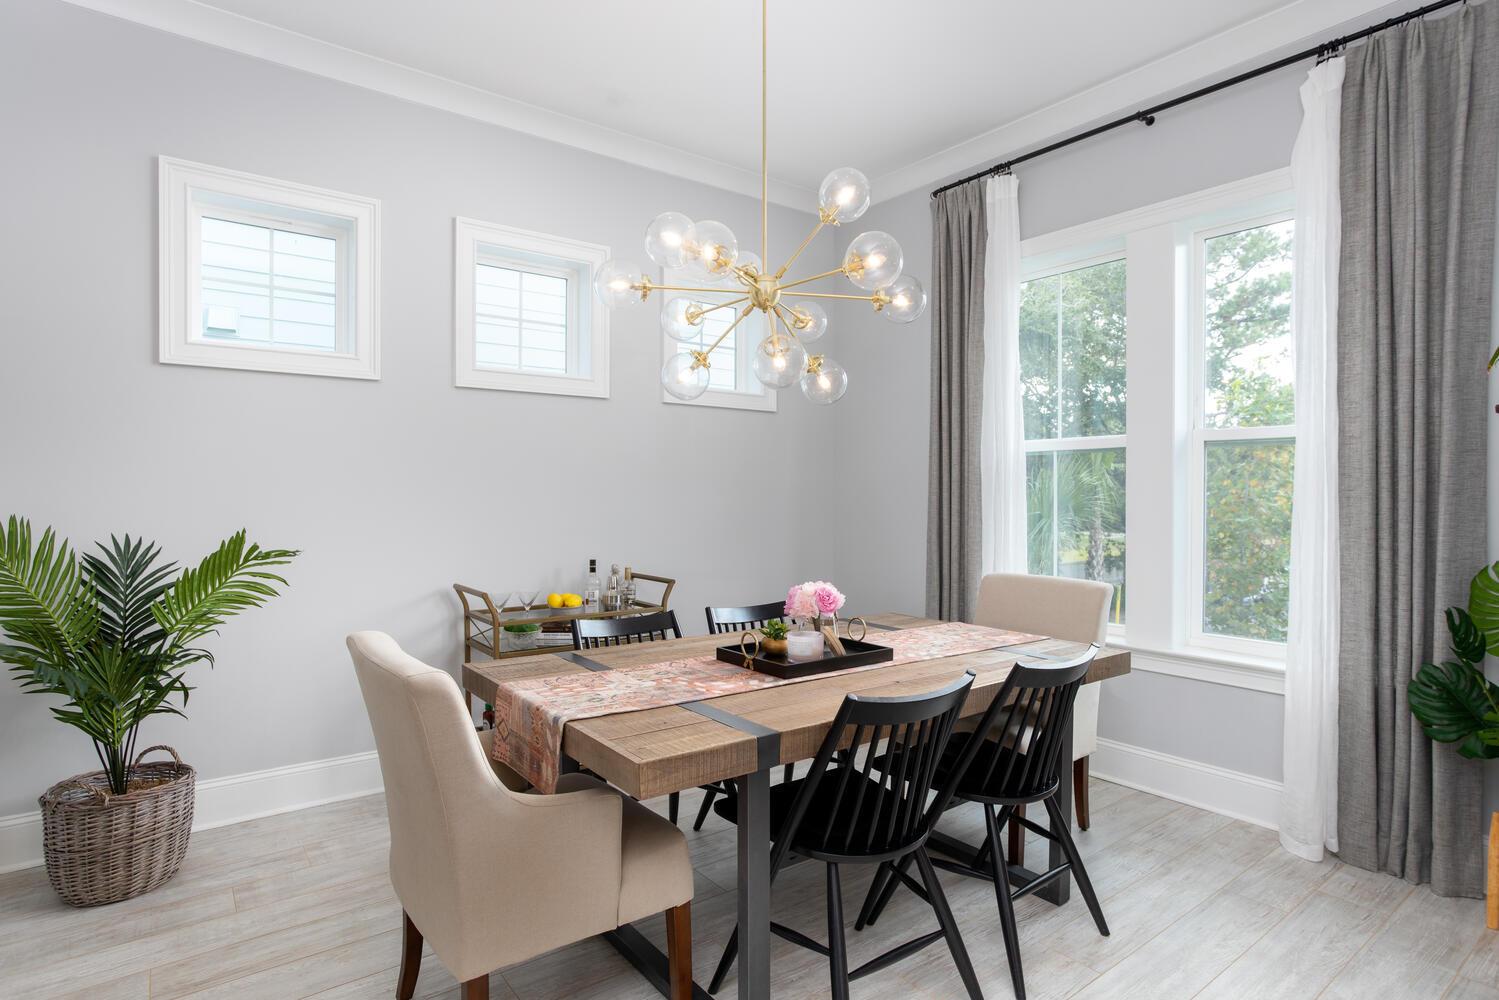 Kings Flats Homes For Sale - 103 Alder, Charleston, SC - 55